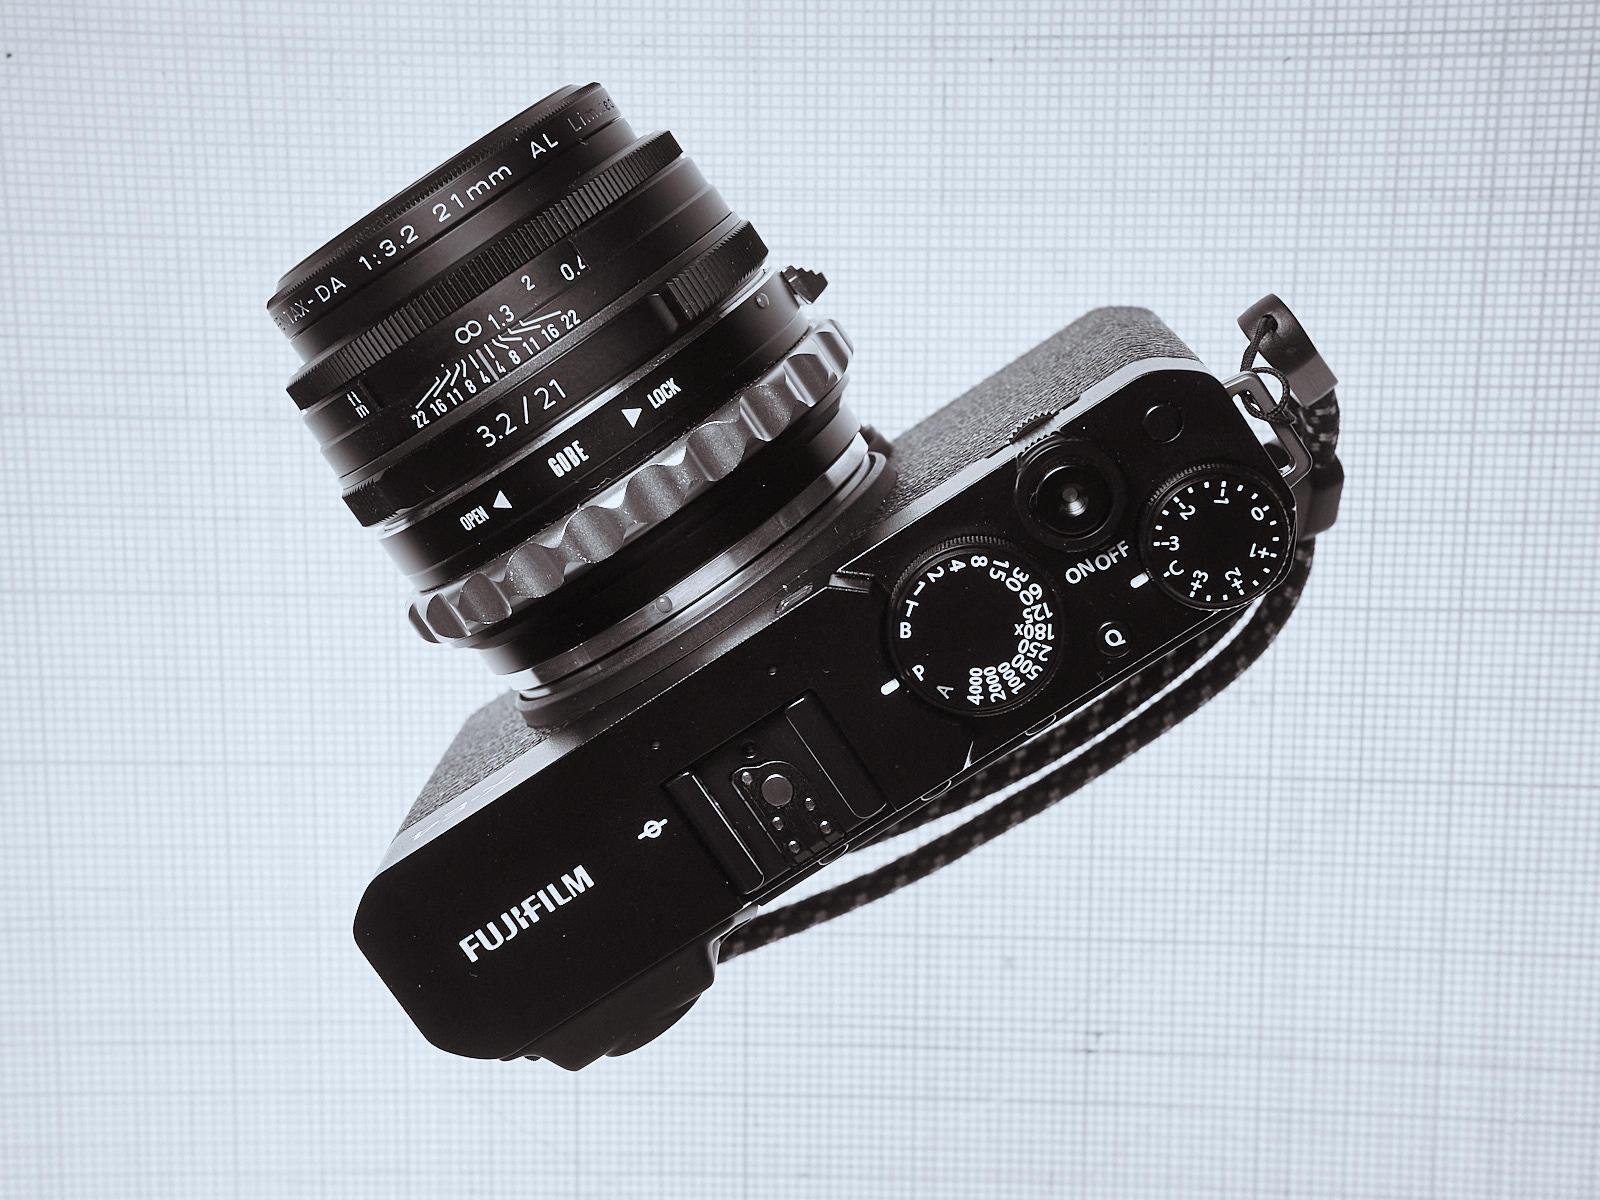 https://thedigitalstory.com/2021/03/22/Pentax-Lens-X-E4-P3215263-Camera.jpg